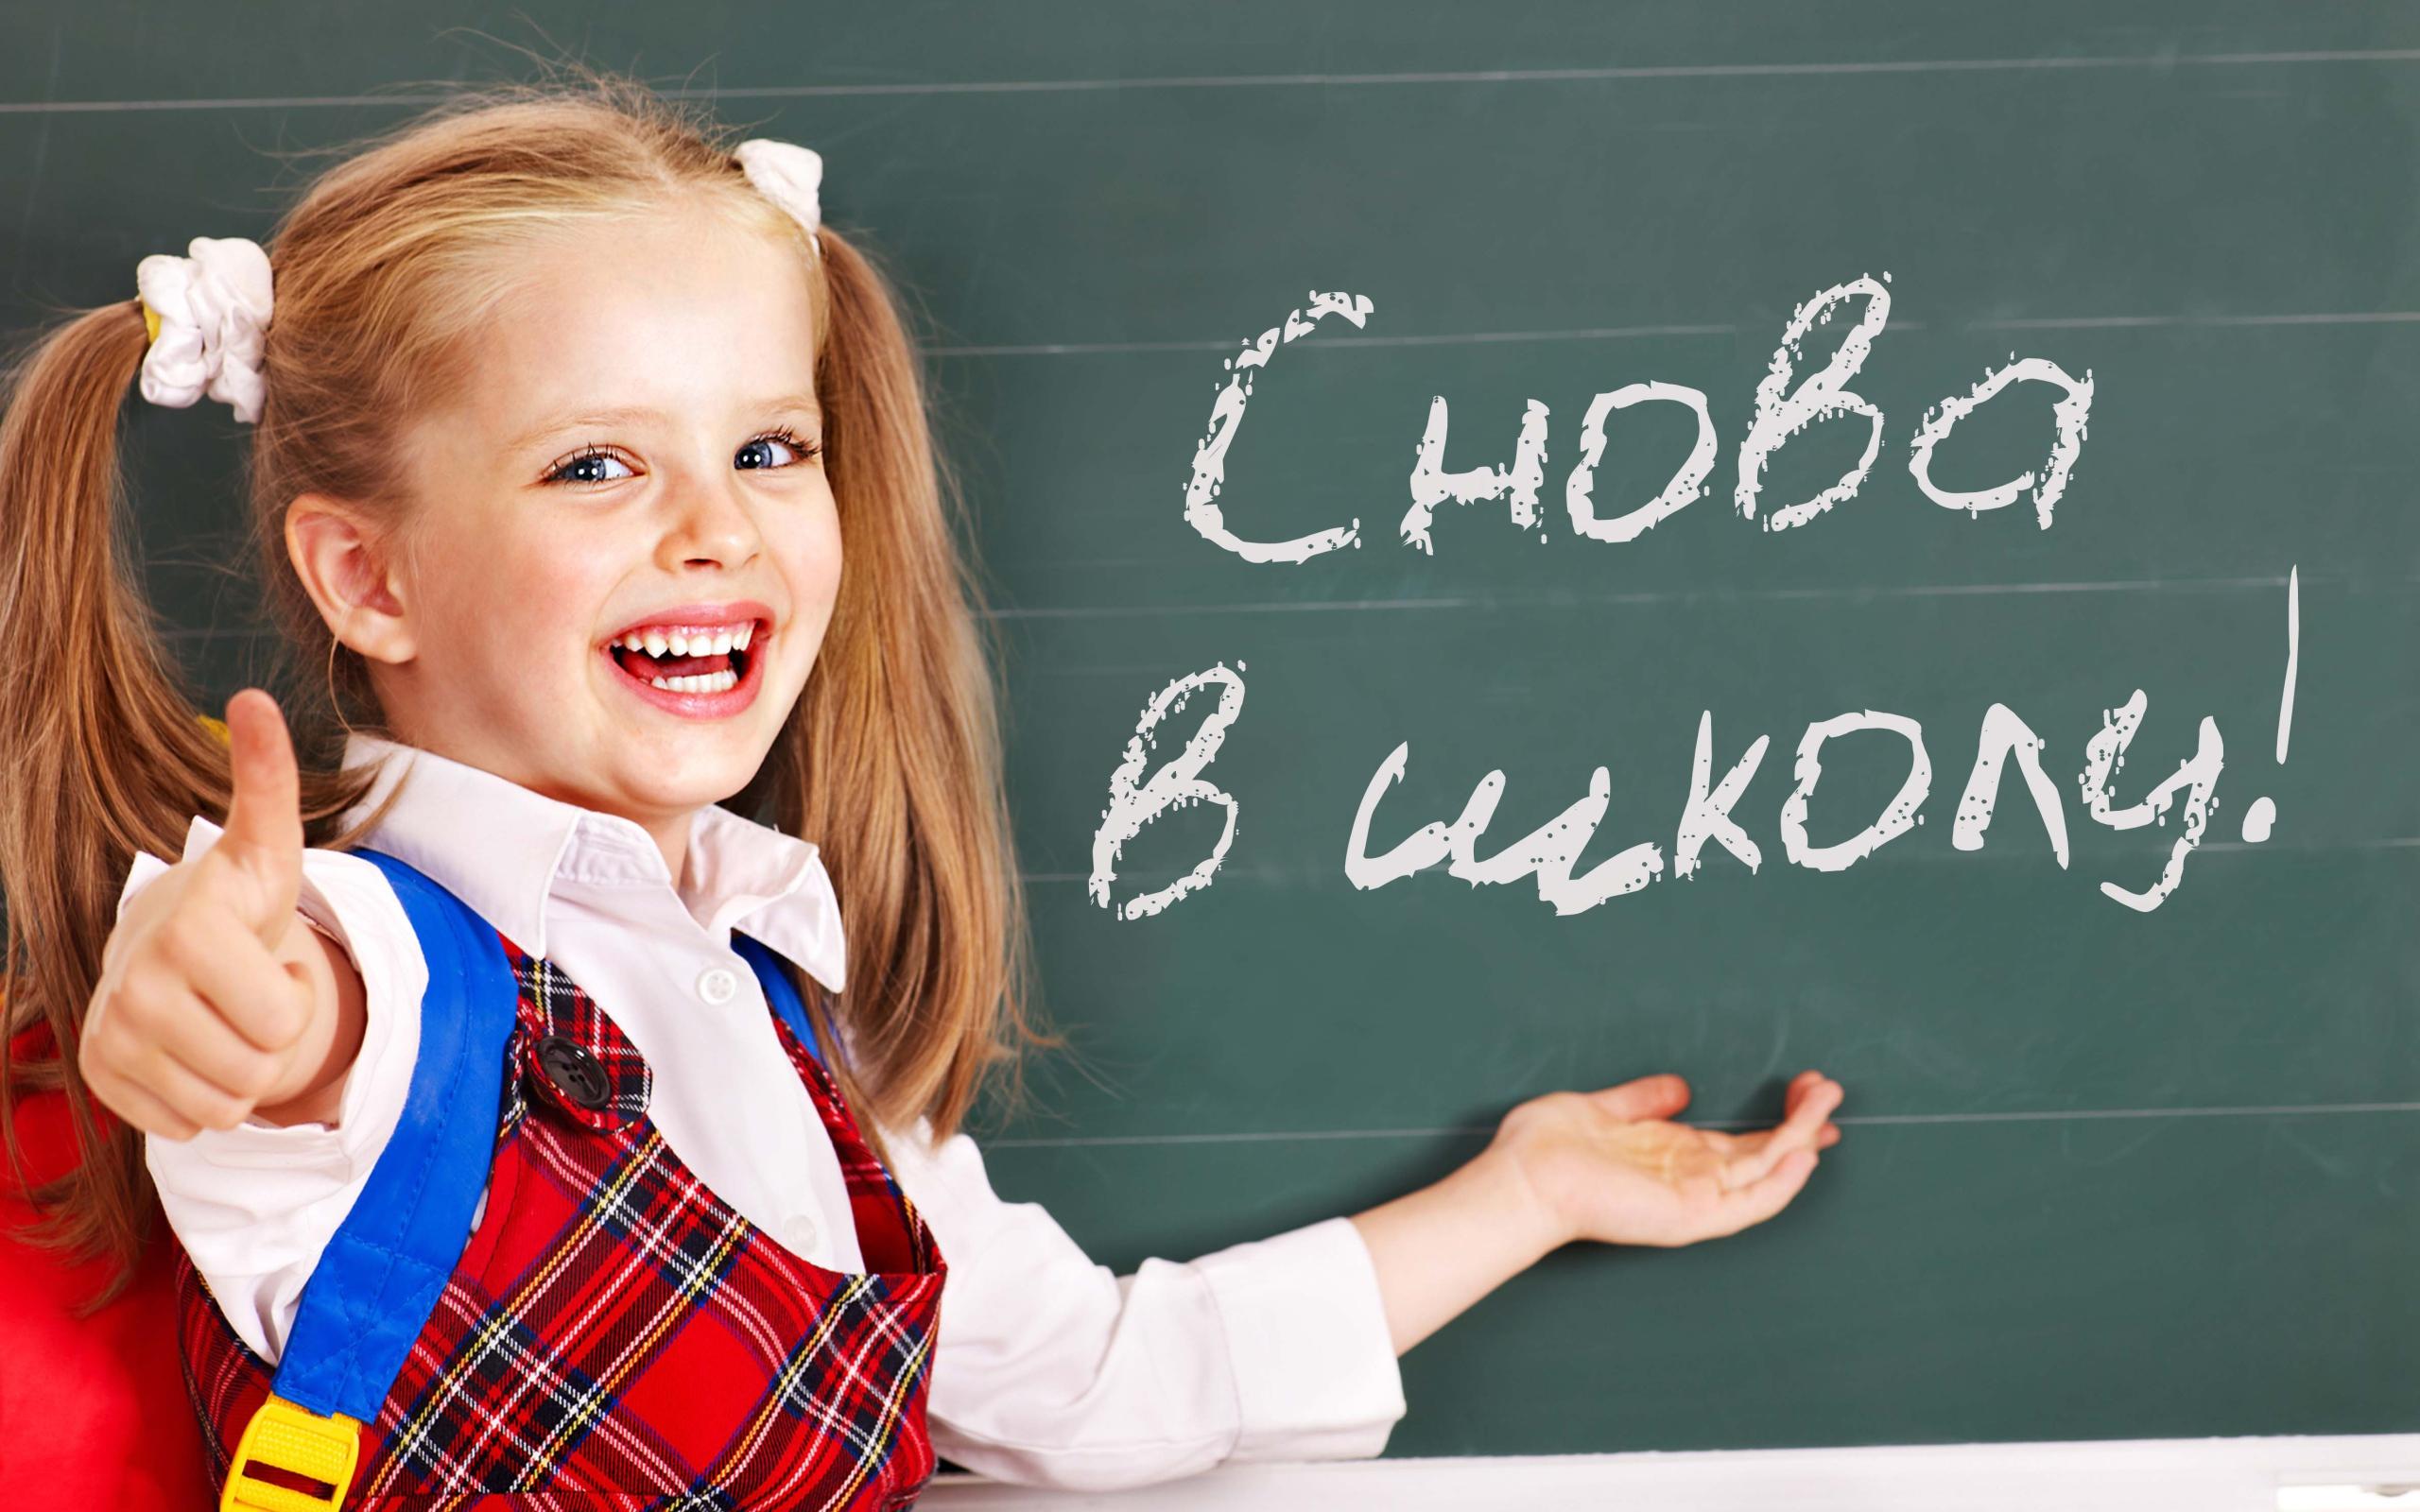 HDoboi.Kiev.ua - Школьница у доски на День знаний, 1 сентября, школа